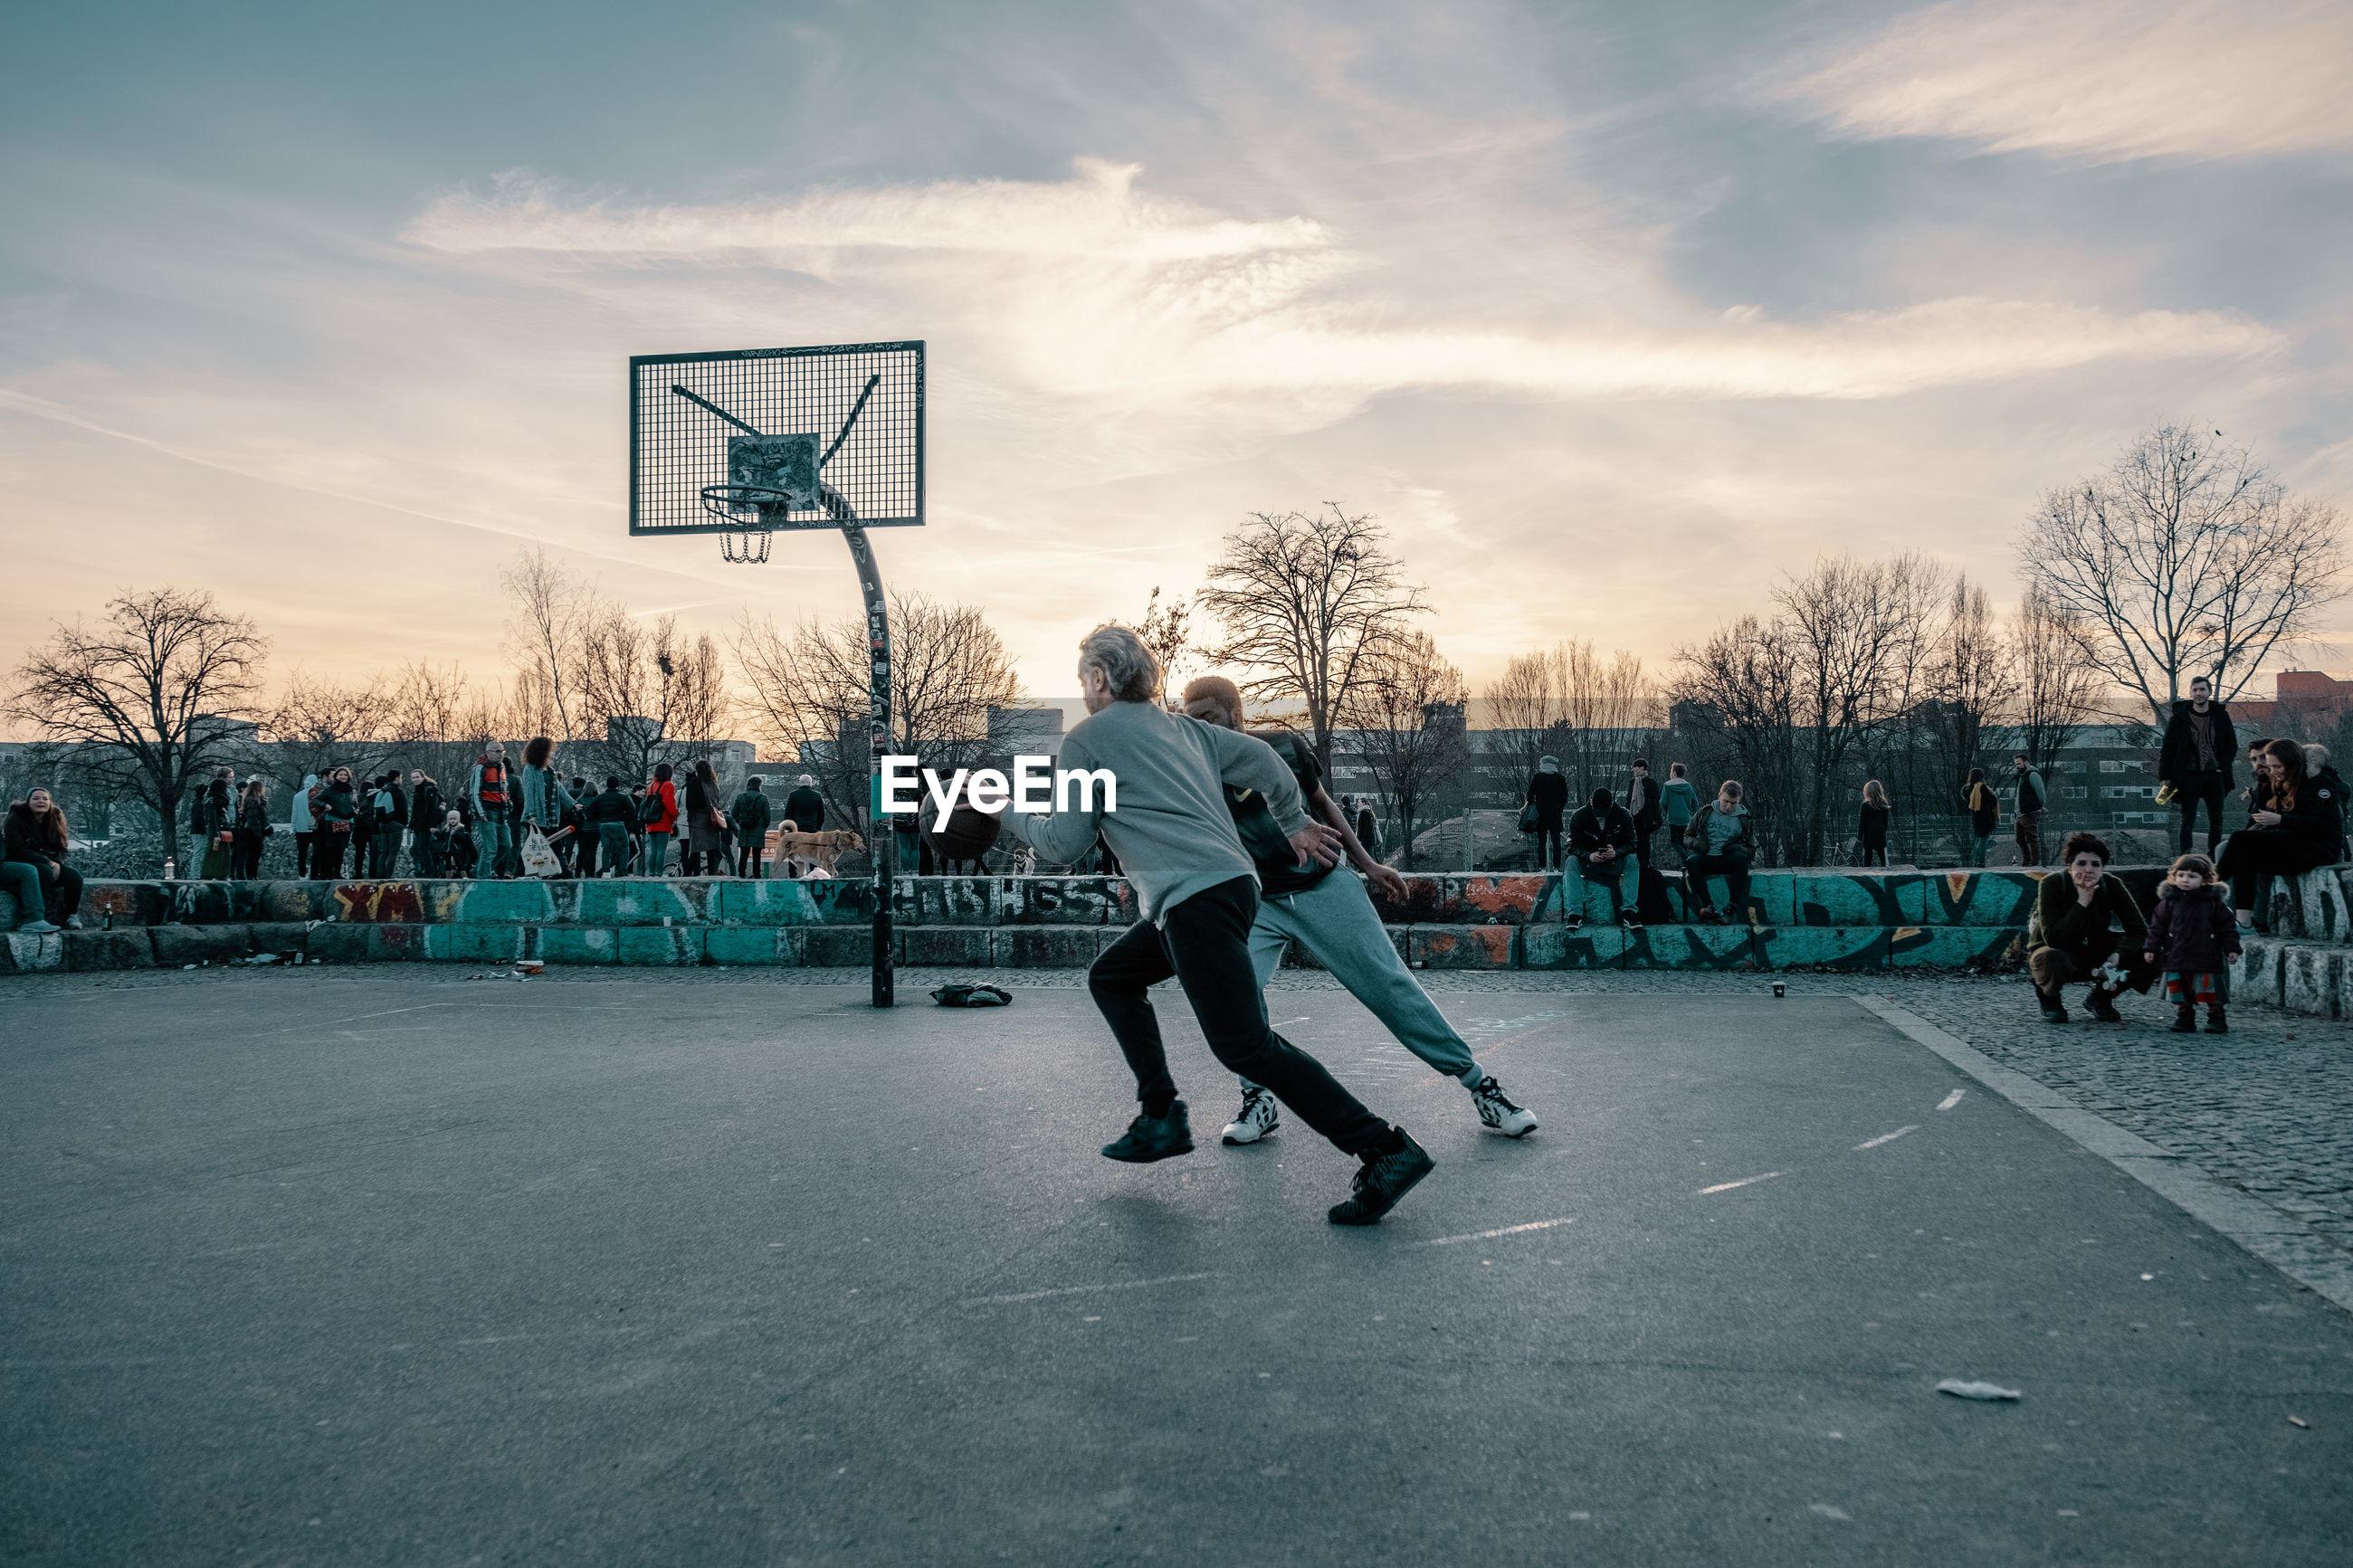 PEOPLE PLAYING BASKETBALL HOOP